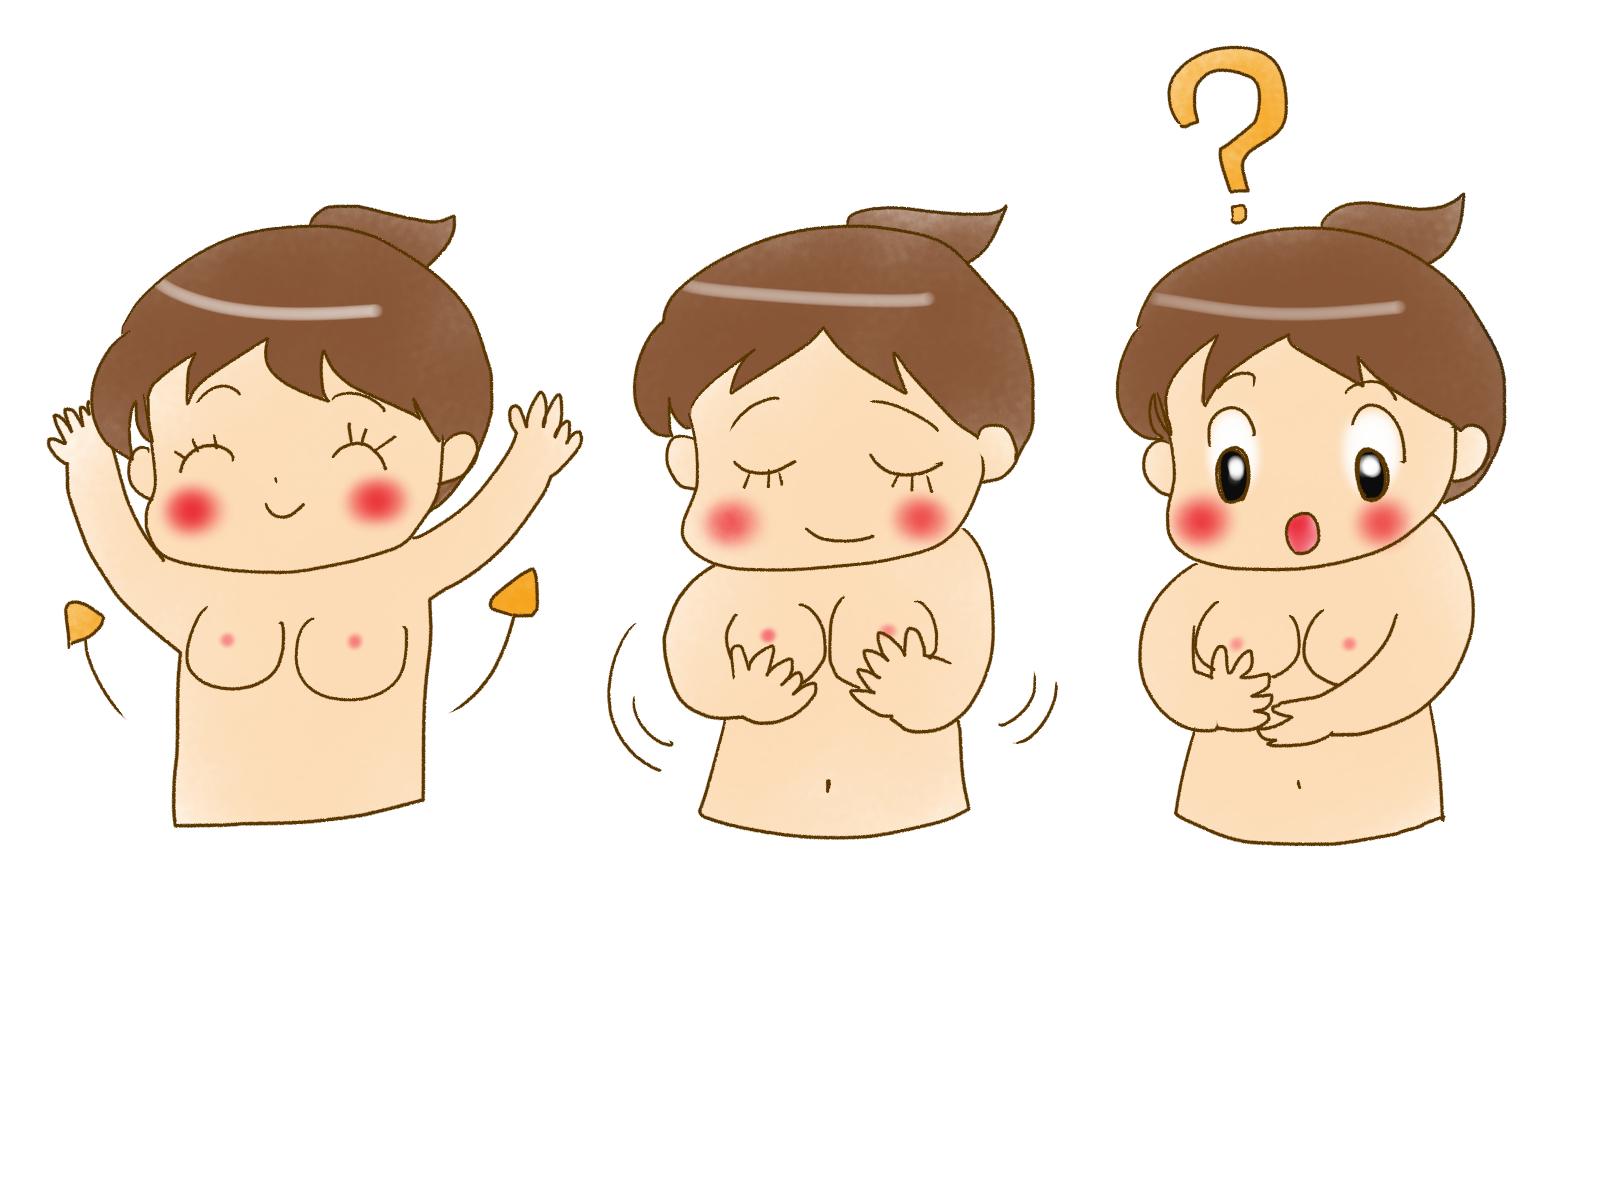 乳がん体験記 佐藤さん編③乳がんでの入院とステージの告知